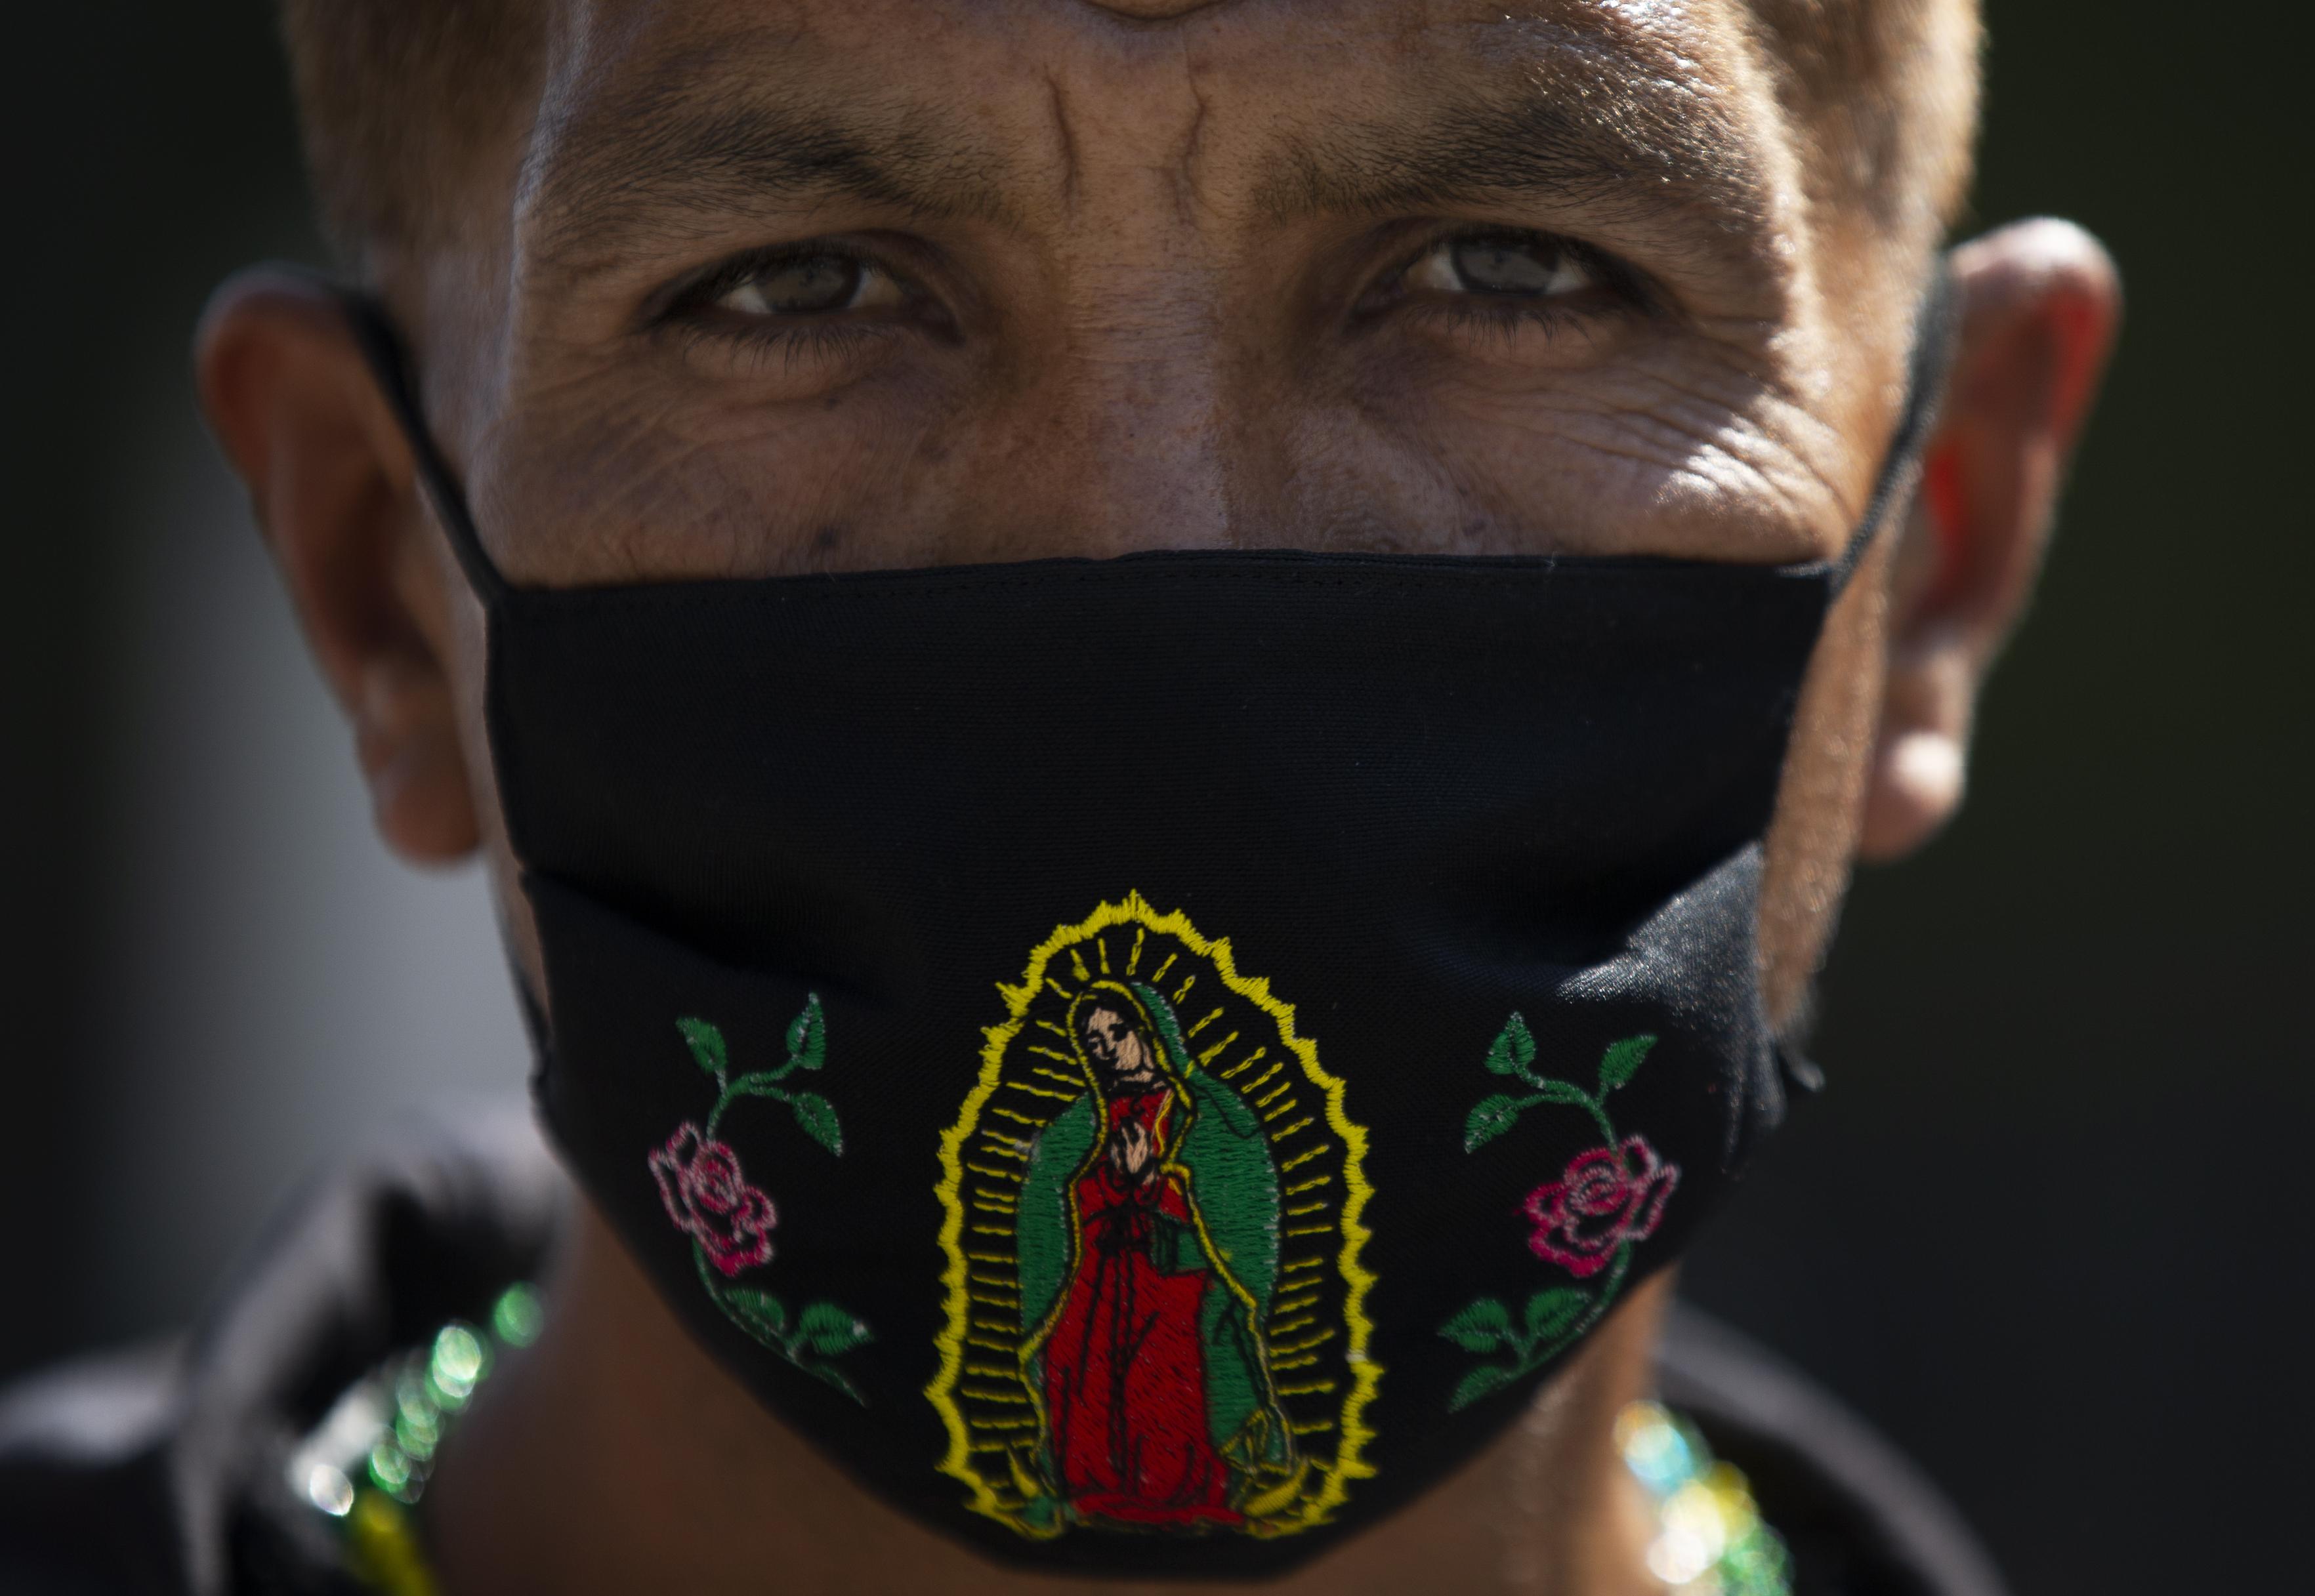 Un peregrino usa una máscara con una imagen de la Virgen de Guadalupe afuera de la Basílica de la Virgen de Guadalupe, el miércoles 9 de diciembre de 2020.